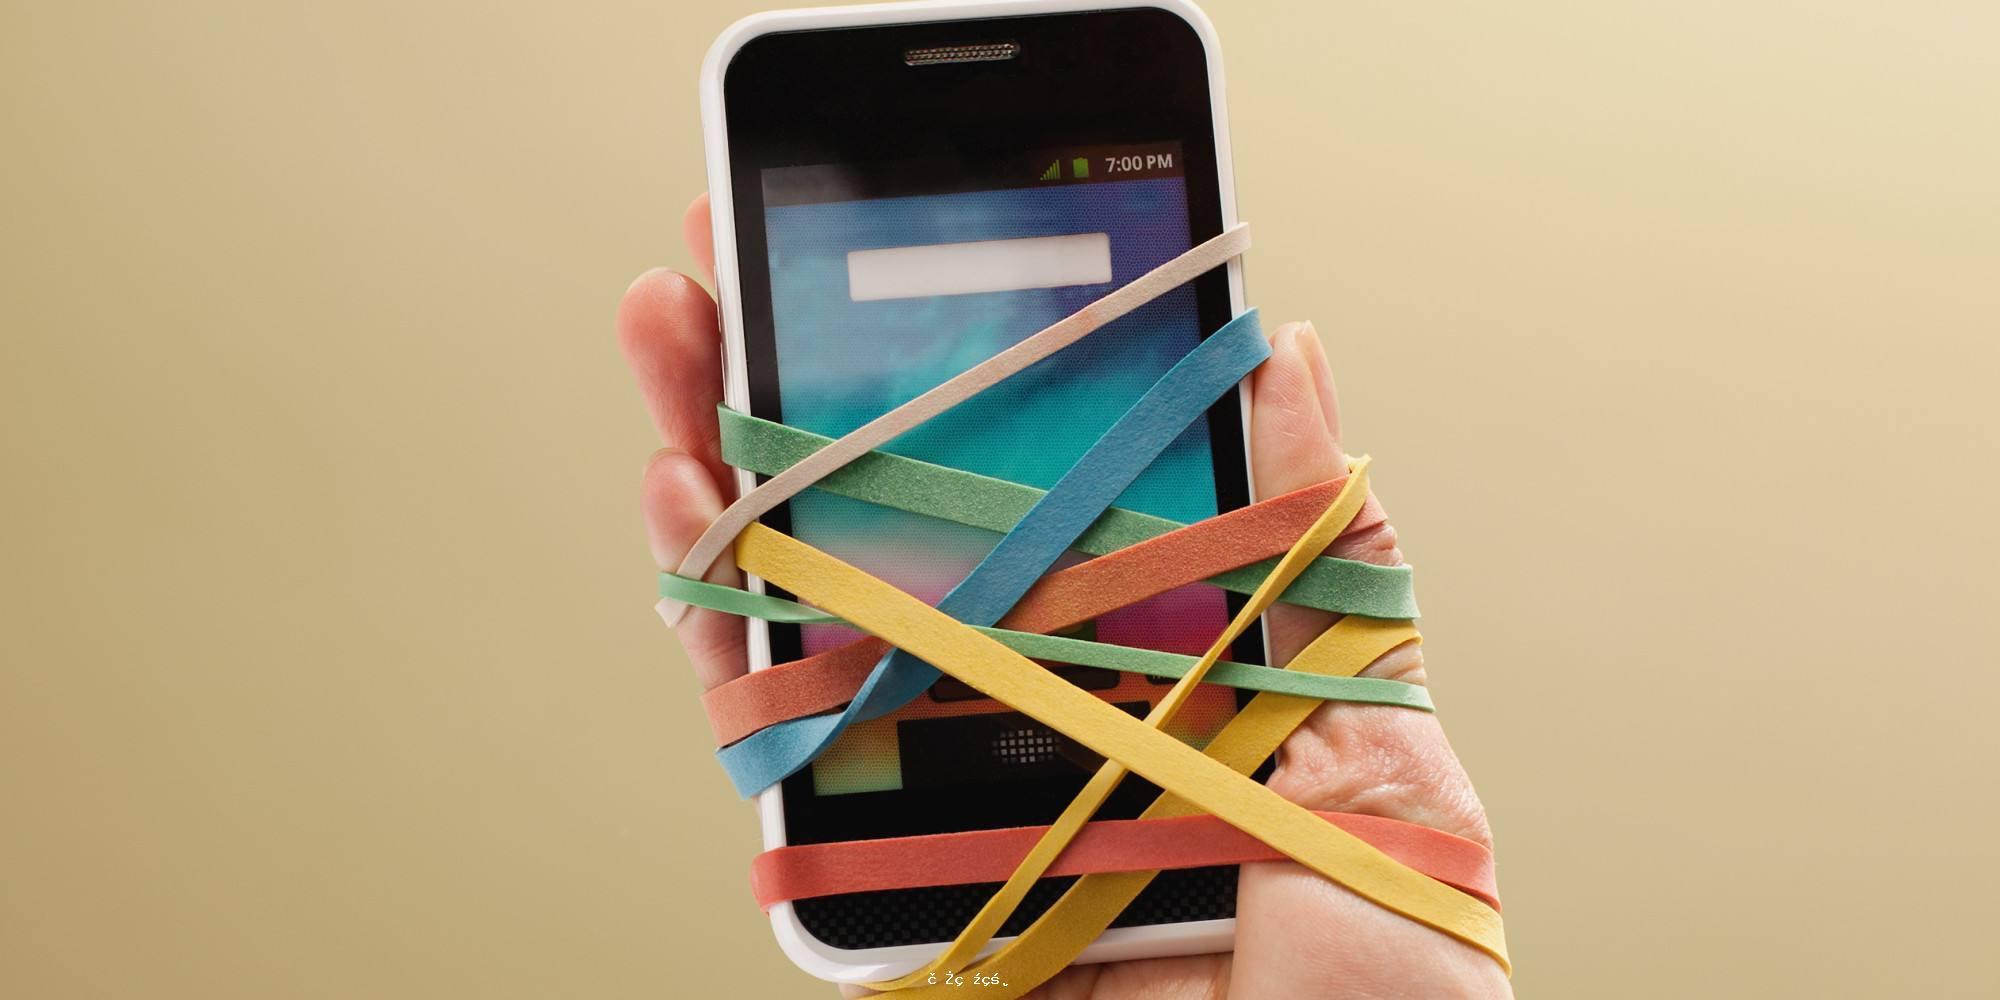 專家用大數據證明:隨時想耍手機,還可能是精神疾病